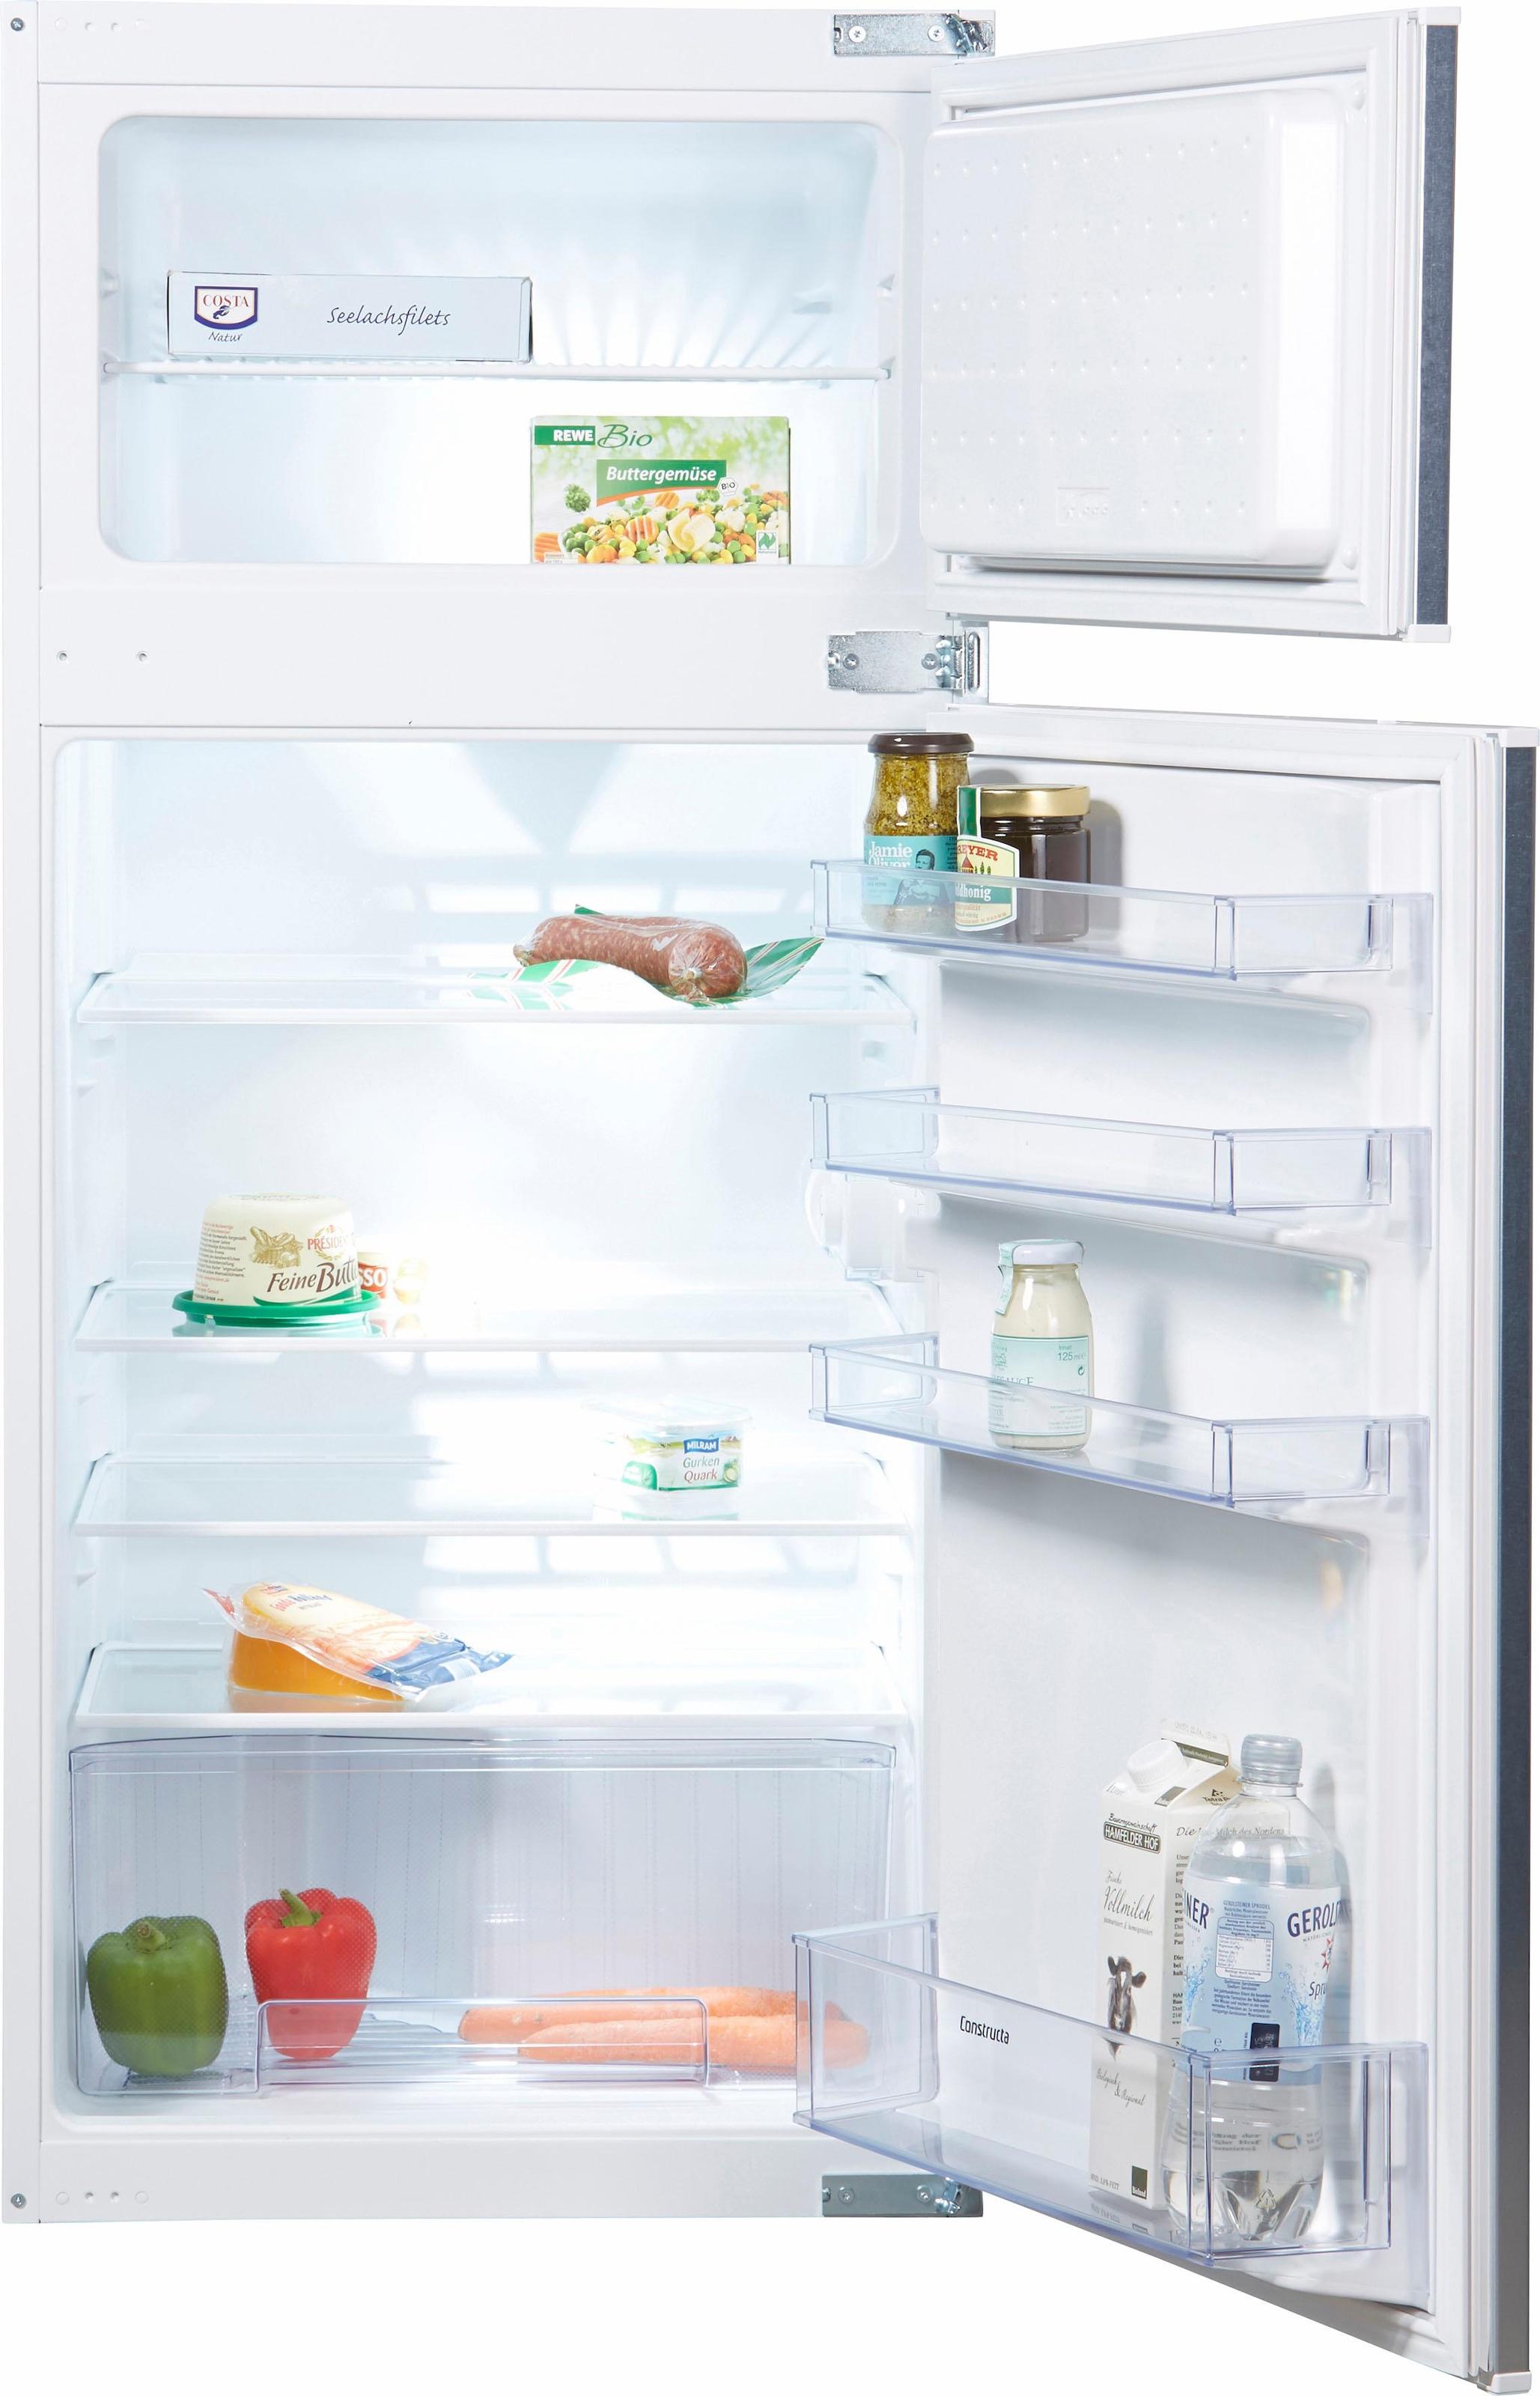 Gorenje Einbau Kühlschrank 122 Cm : Einbaukühlschränke mit gefrierfach im baur onlineshop auf